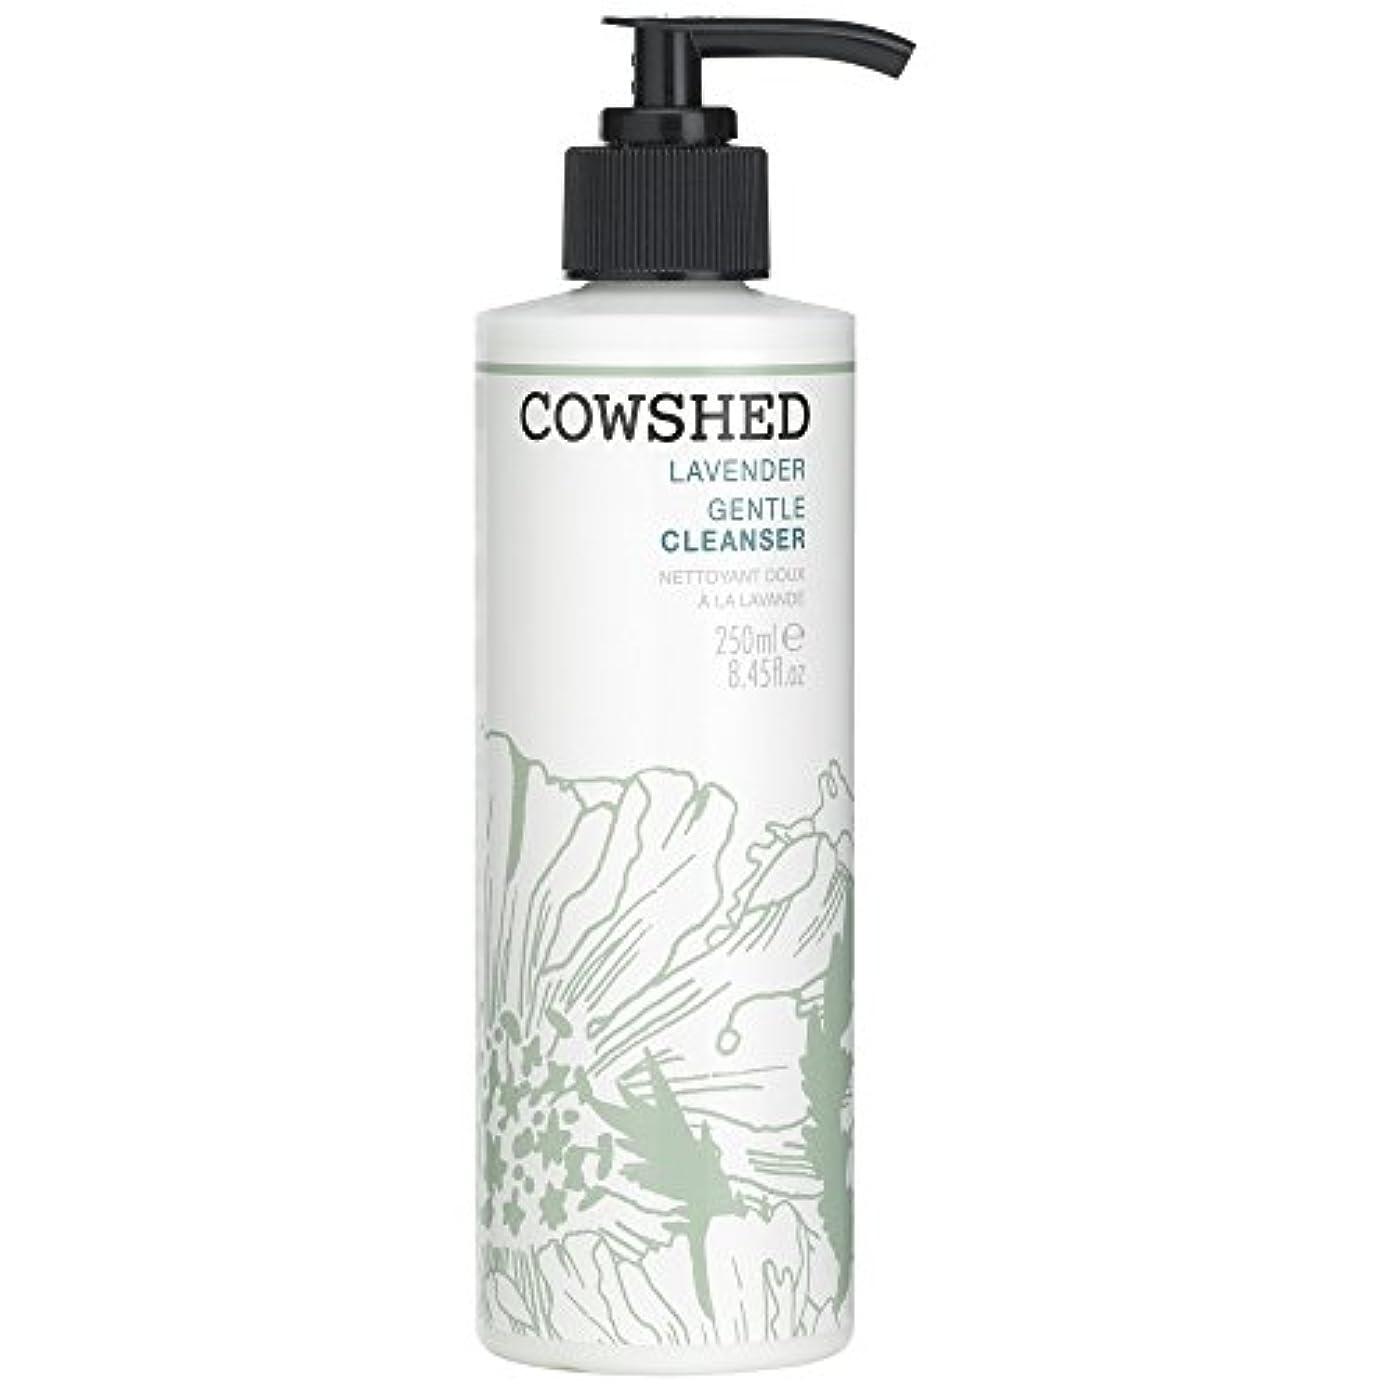 牛舎ラベンダージェントルクレンザー、250ミリリットル (Cowshed) (x2) - Cowshed Lavender Gentle Cleanser, 250ml (Pack of 2) [並行輸入品]